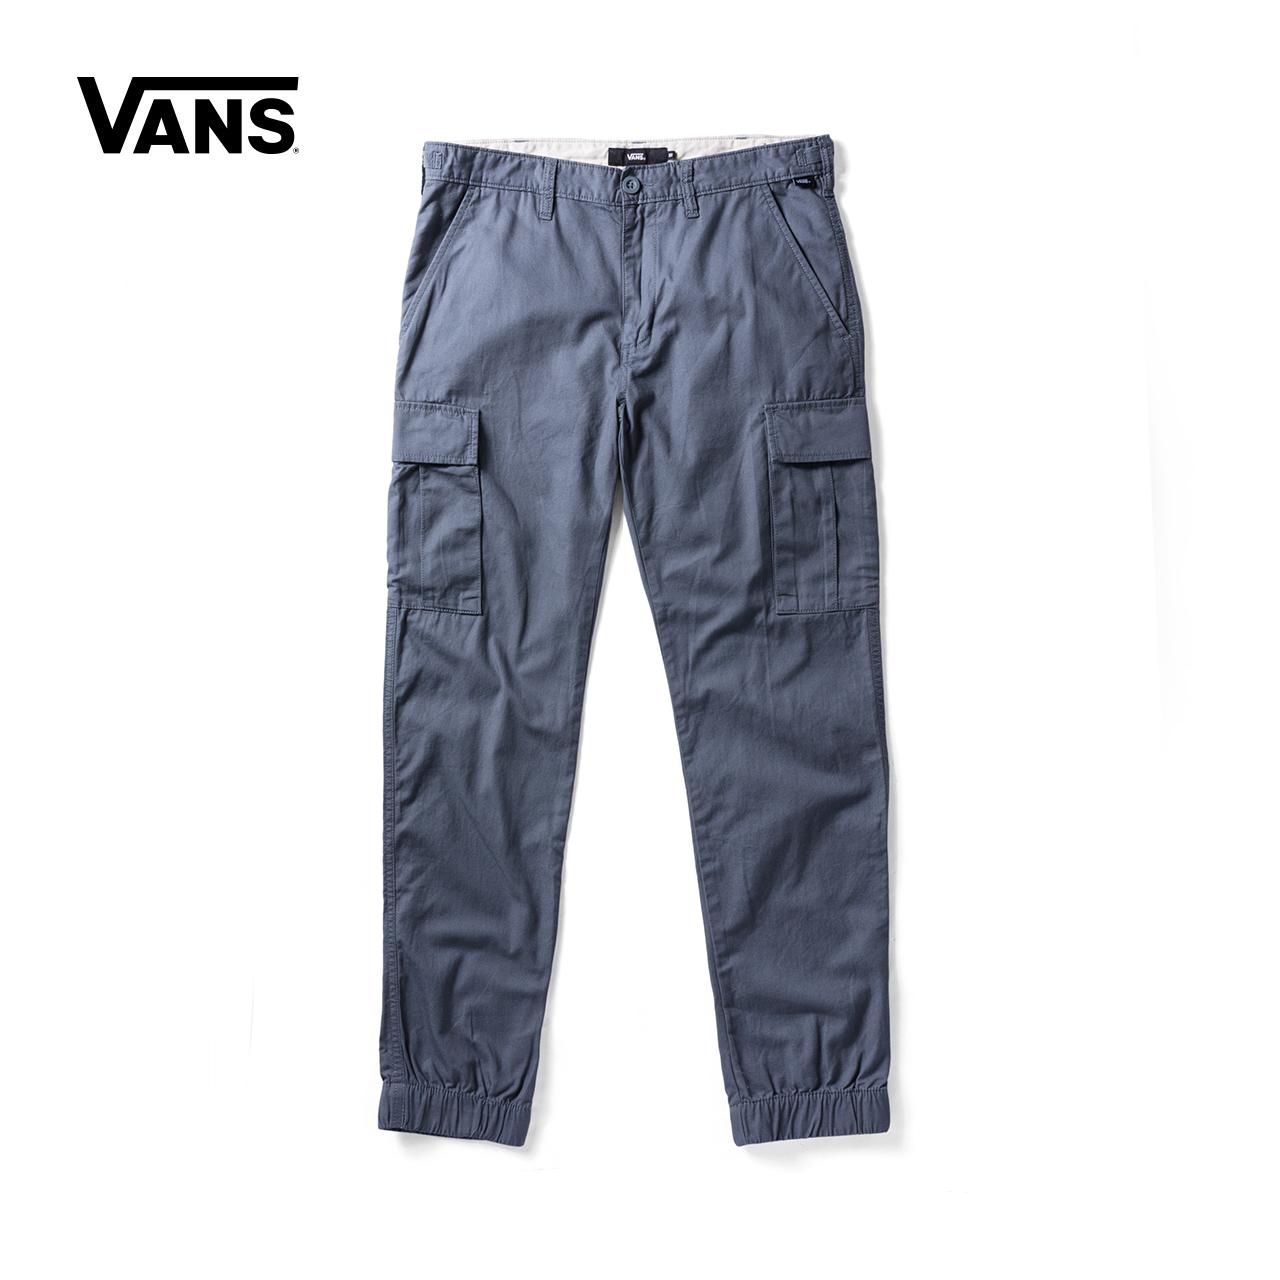 Vans 范斯官方秋季男款灰蓝色梭织长裤|VN0A36LNRV2